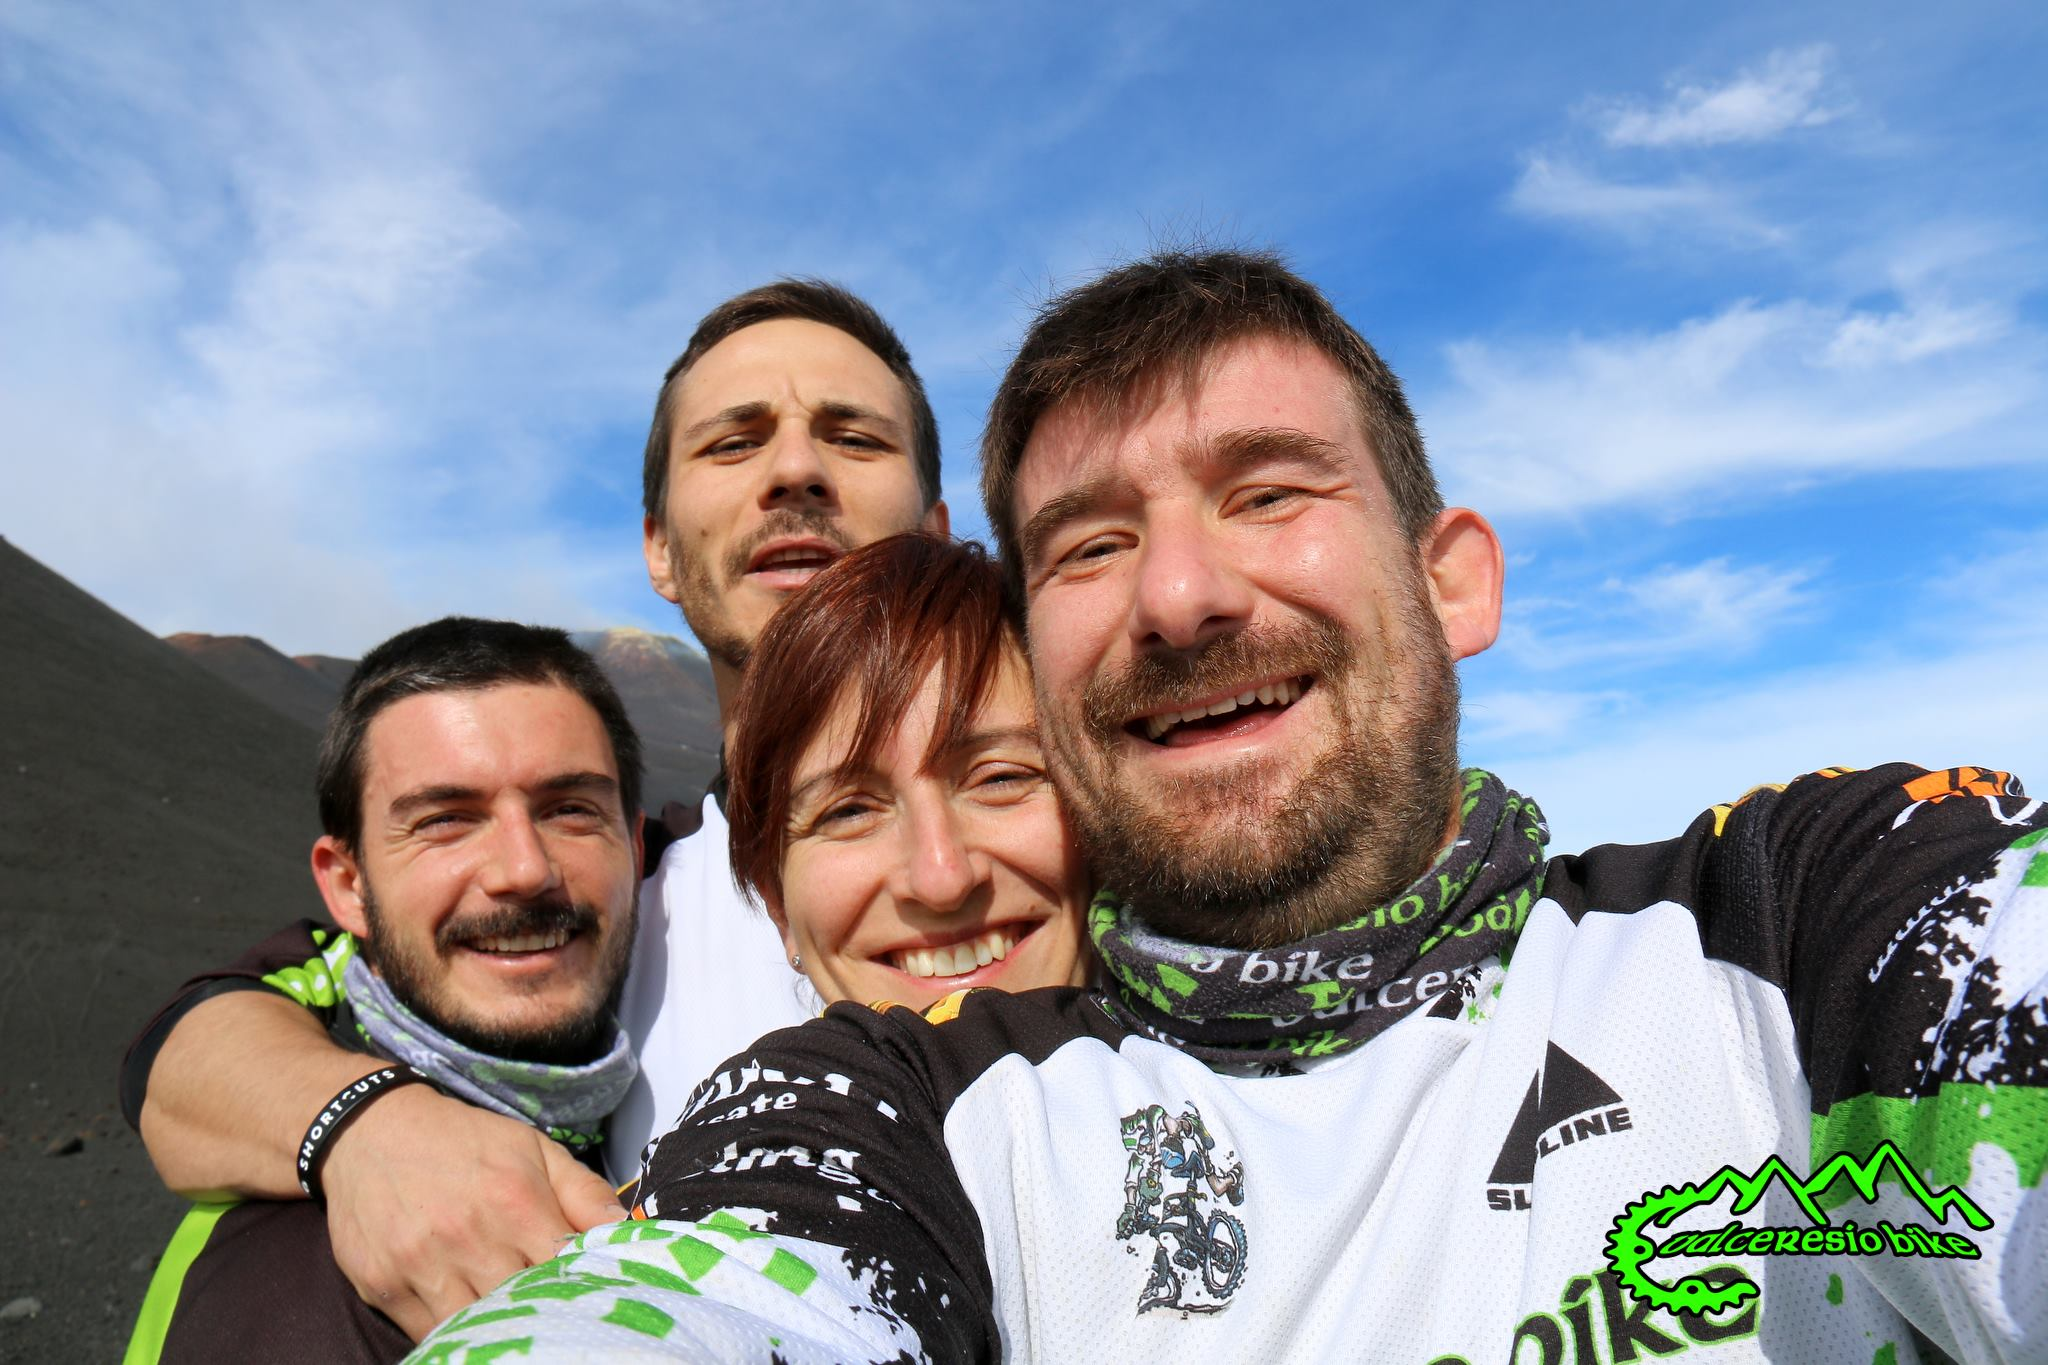 Visi sorridenti che esprimono lo spirito del club mtb Valceresio Bike.